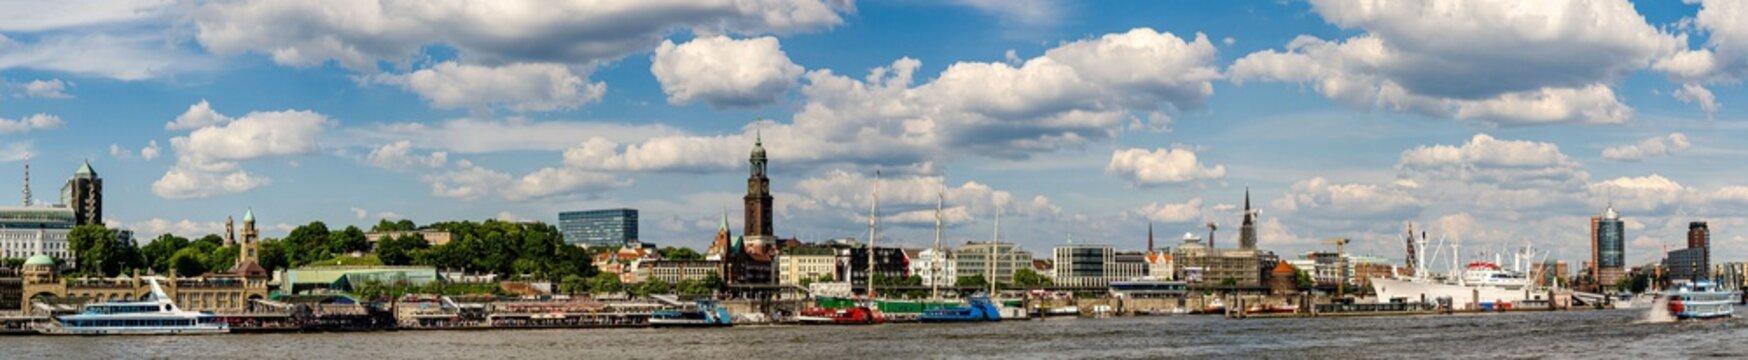 Panorama Hafen Hamburg mit Landungsbrücken